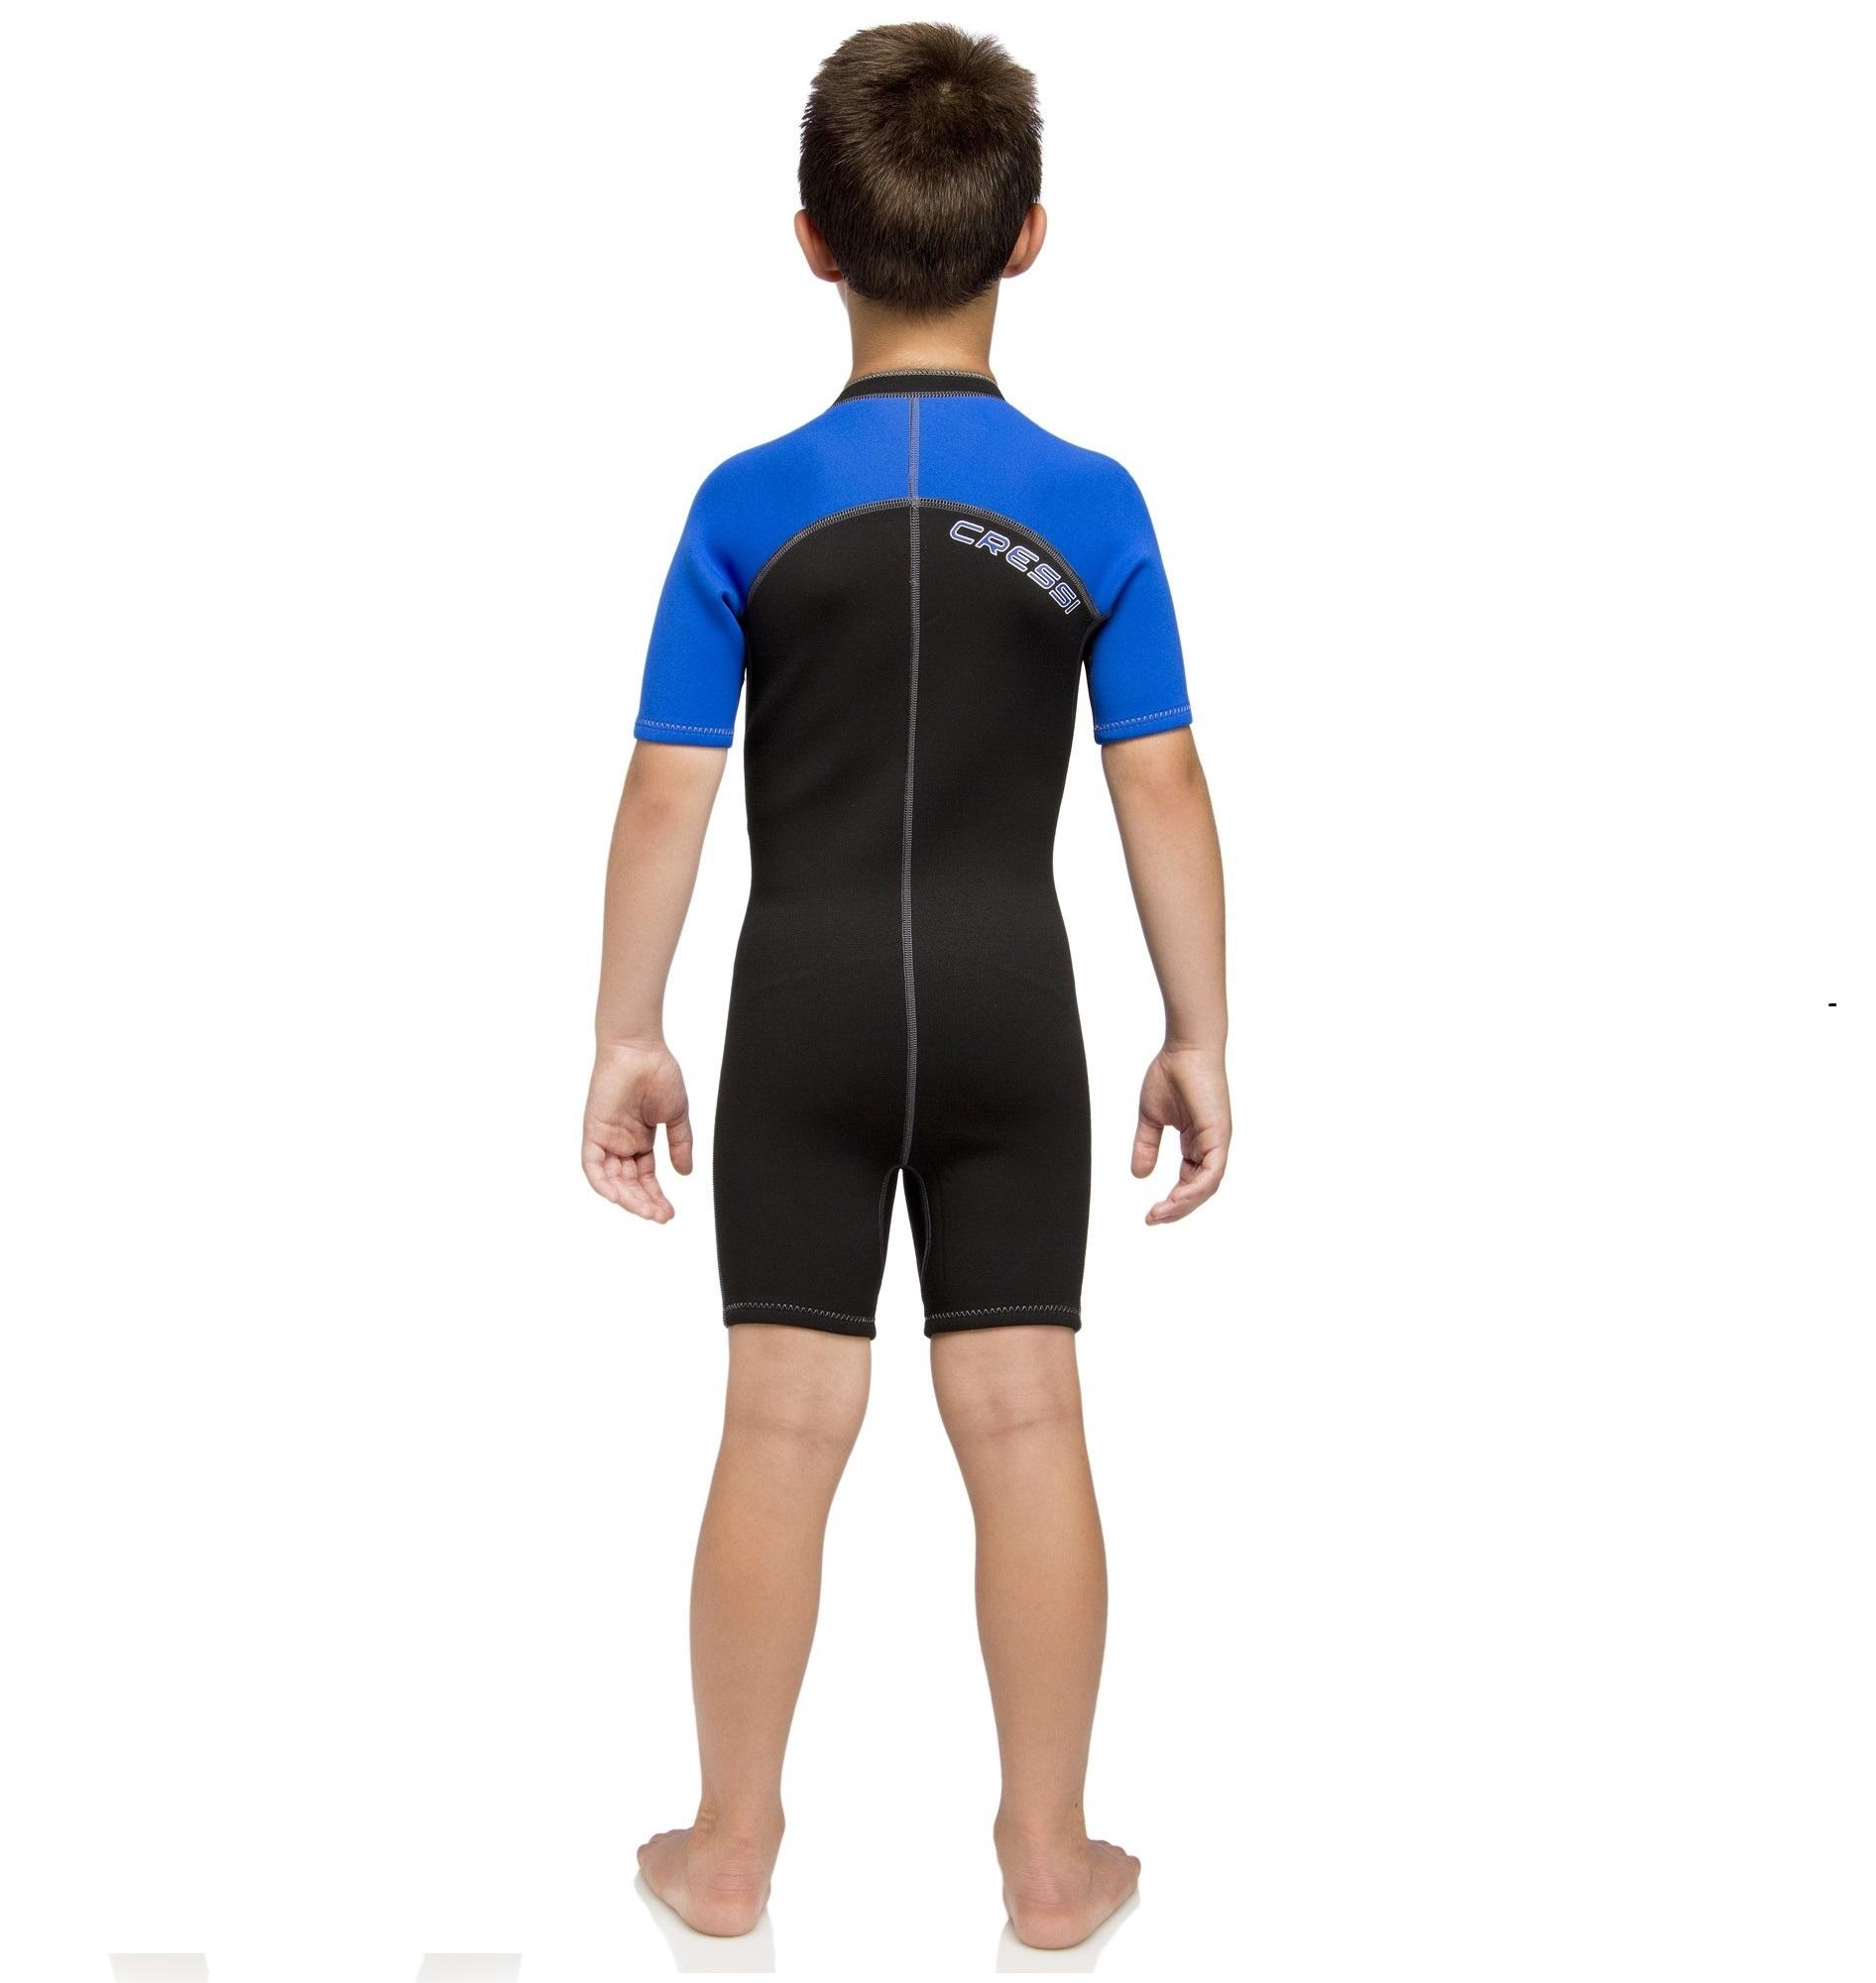 Junior wetsuit Cressi Lido, 2 mm